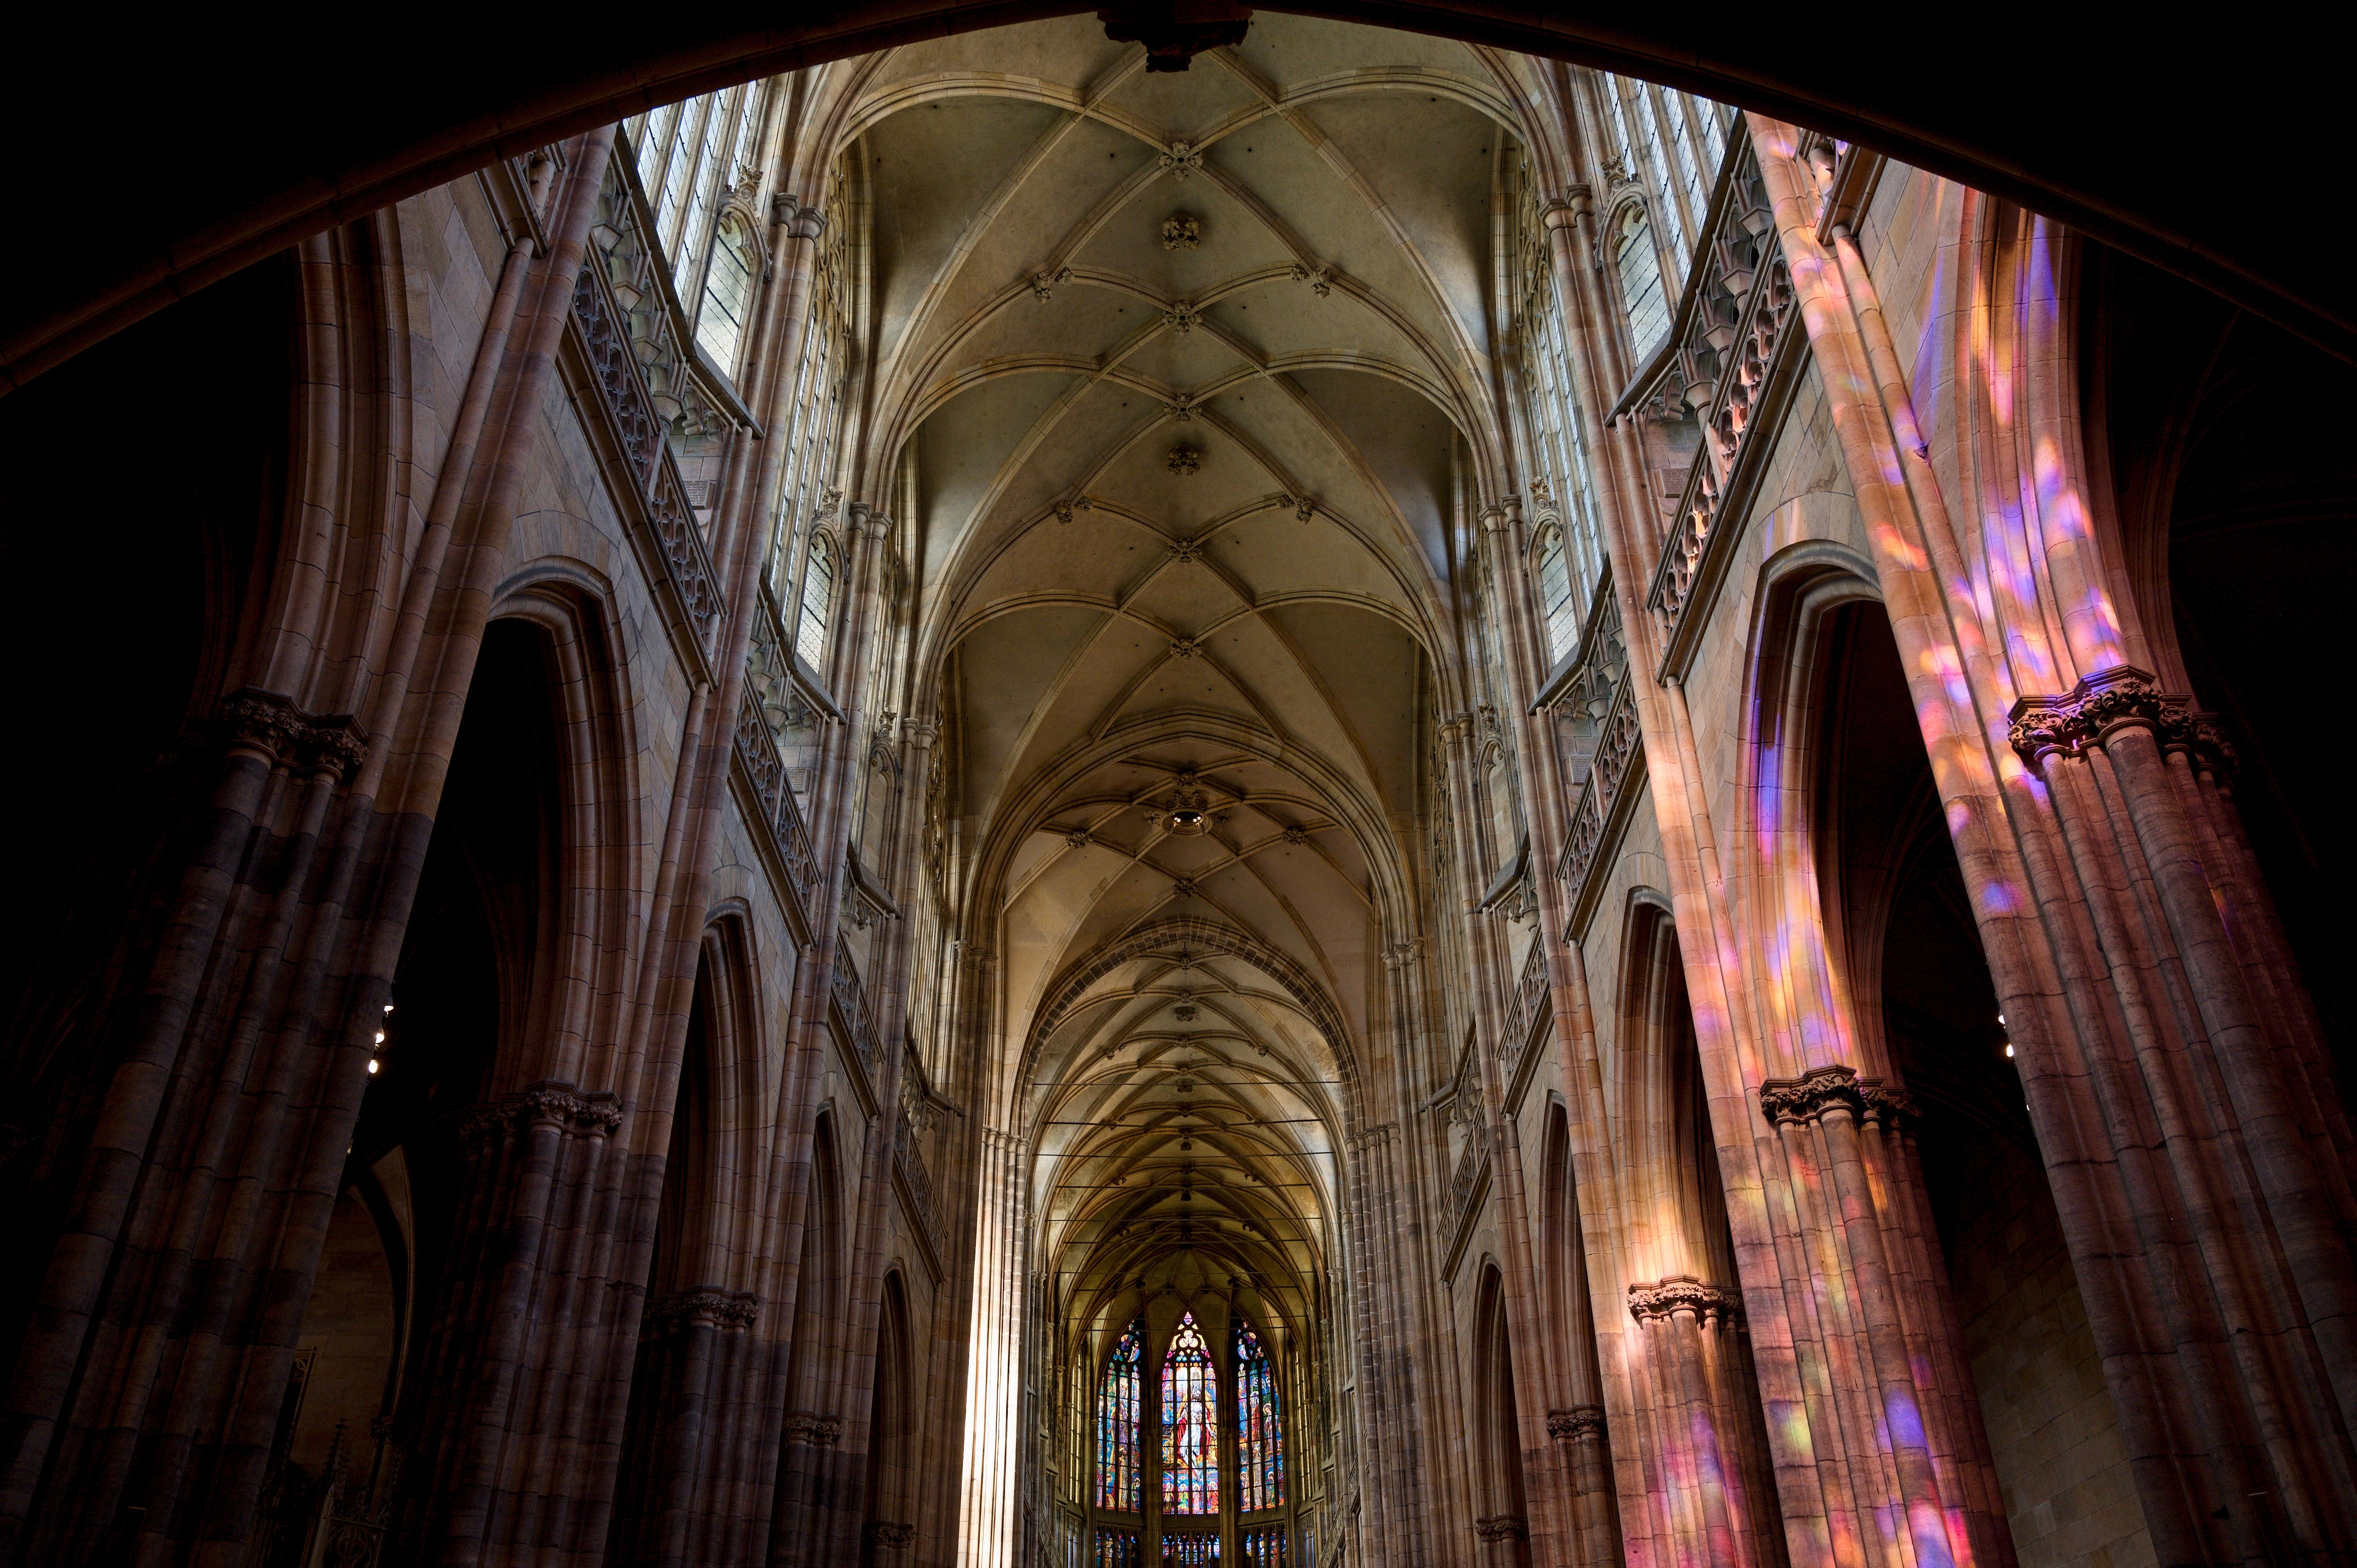 Intérieur de la cathédrale Saint-Guy